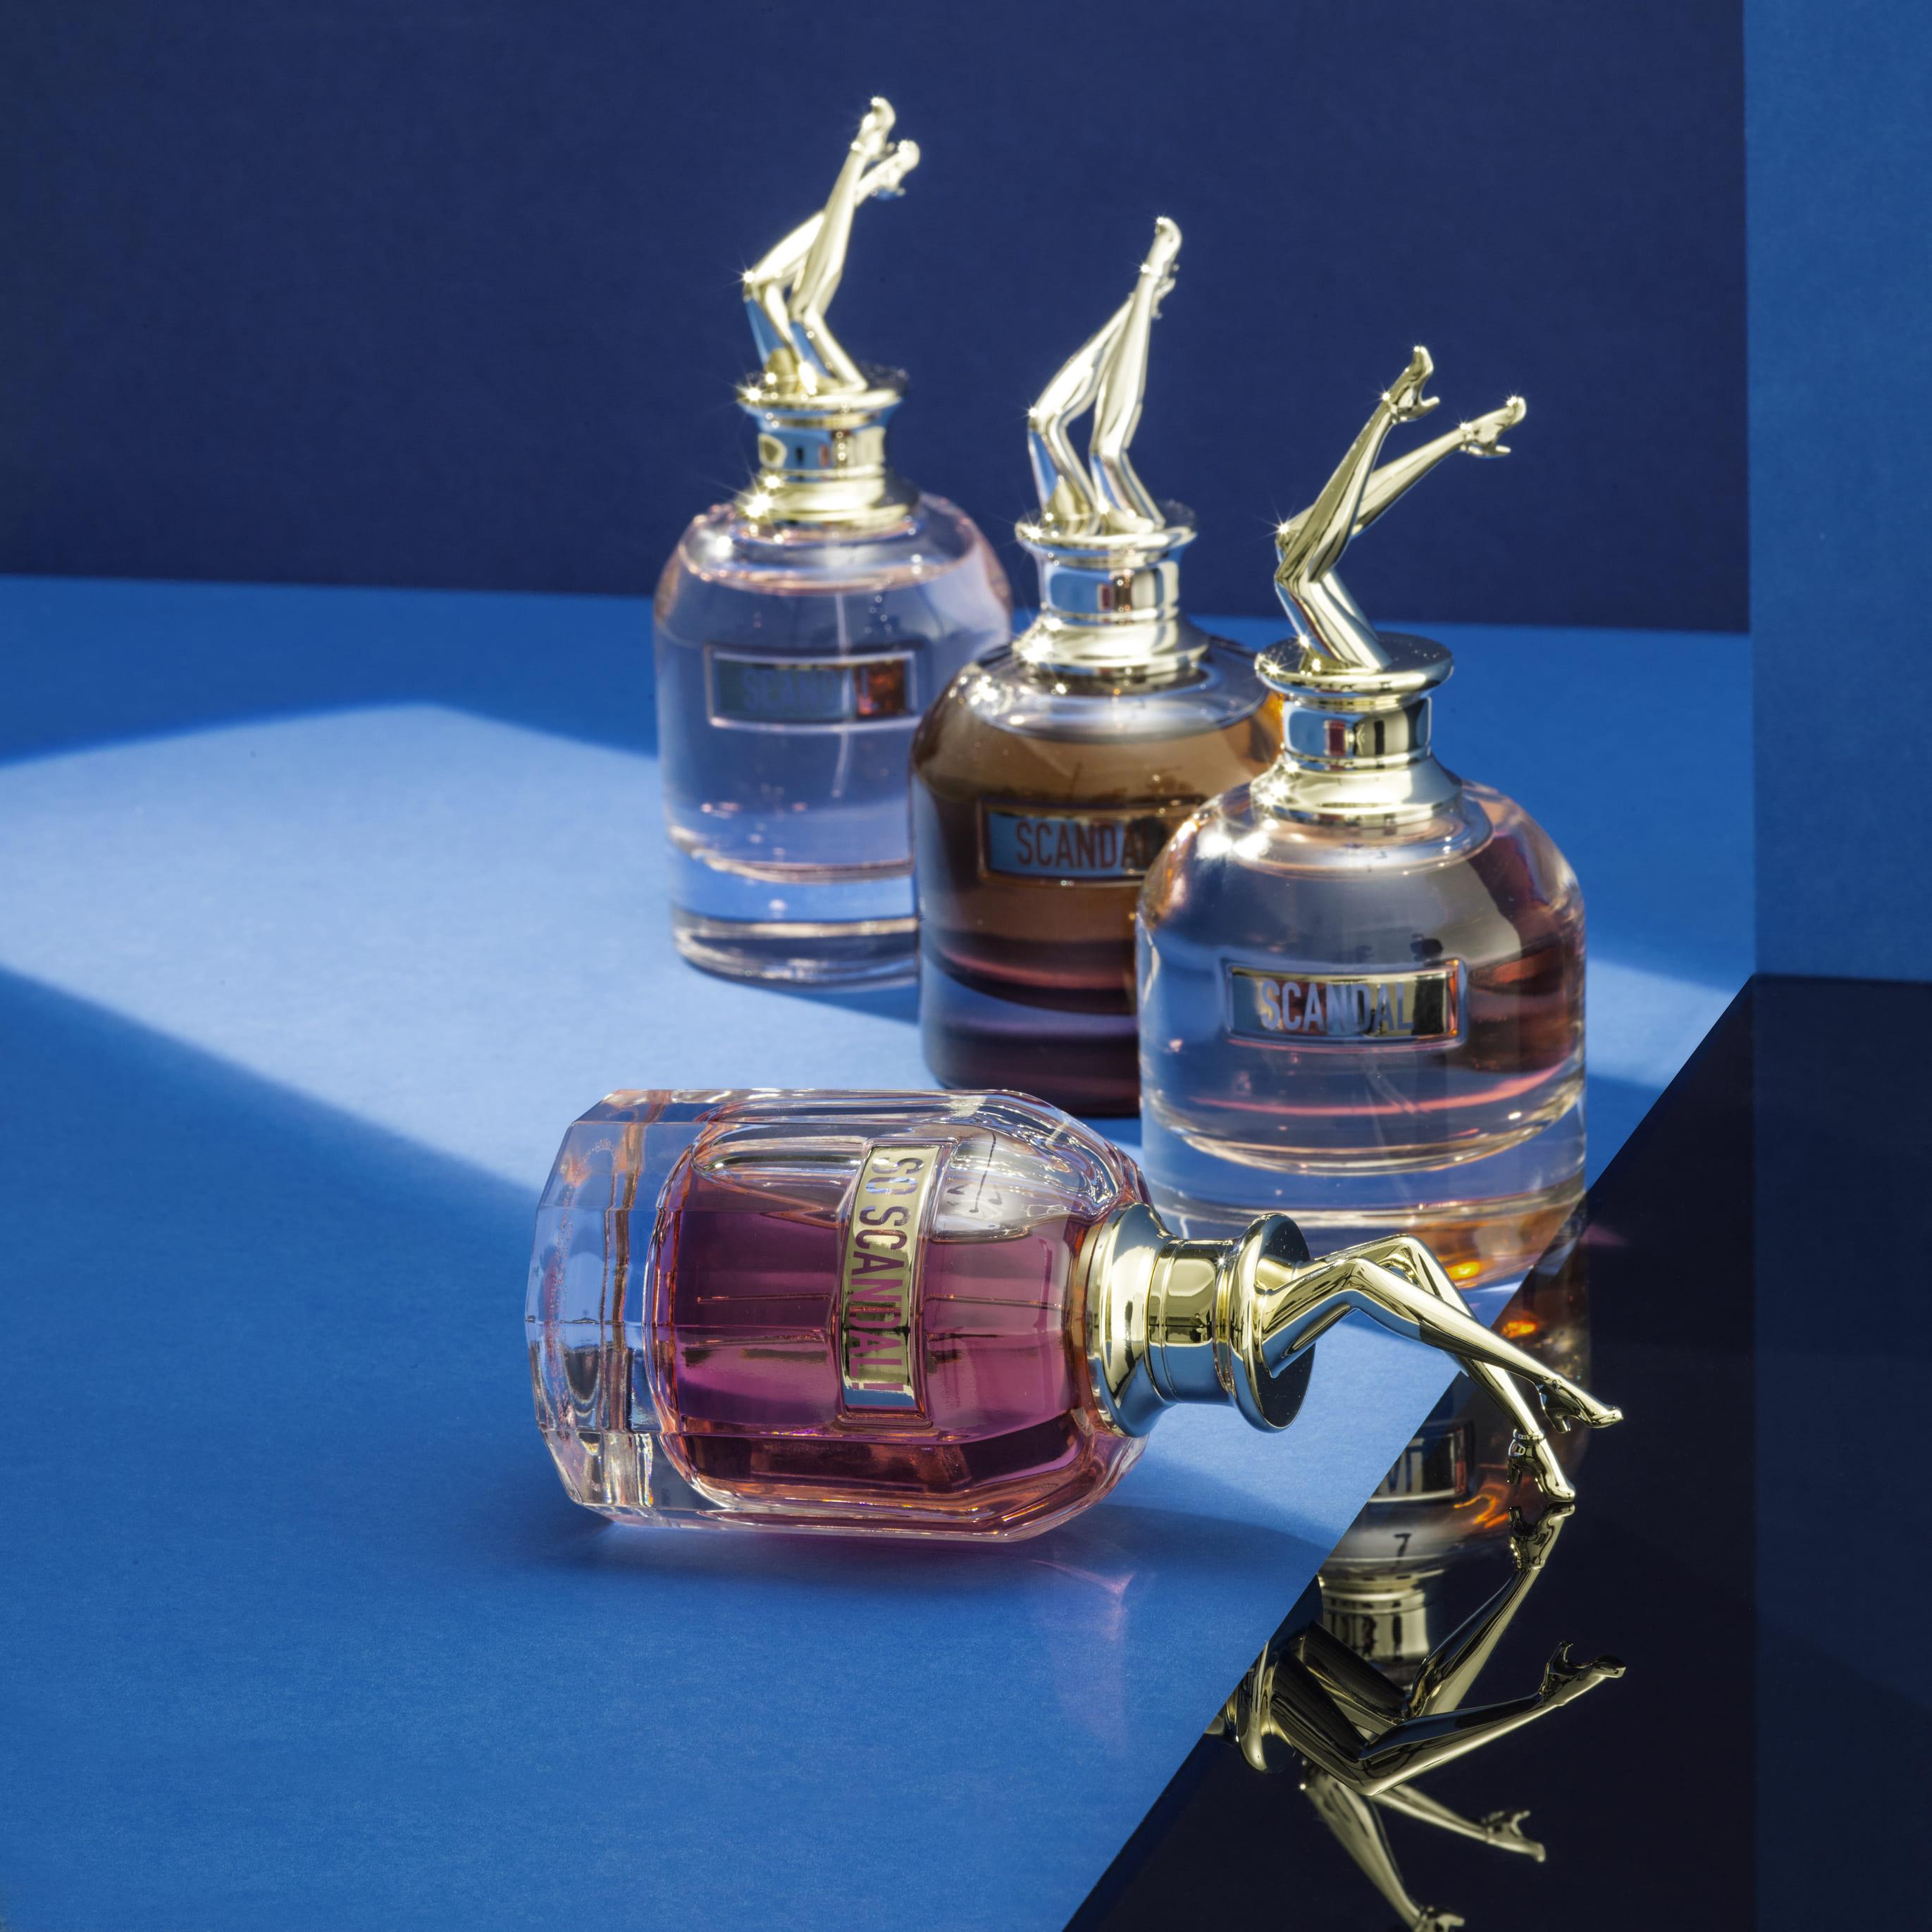 scandal-jean-paul-gaultier-perfume